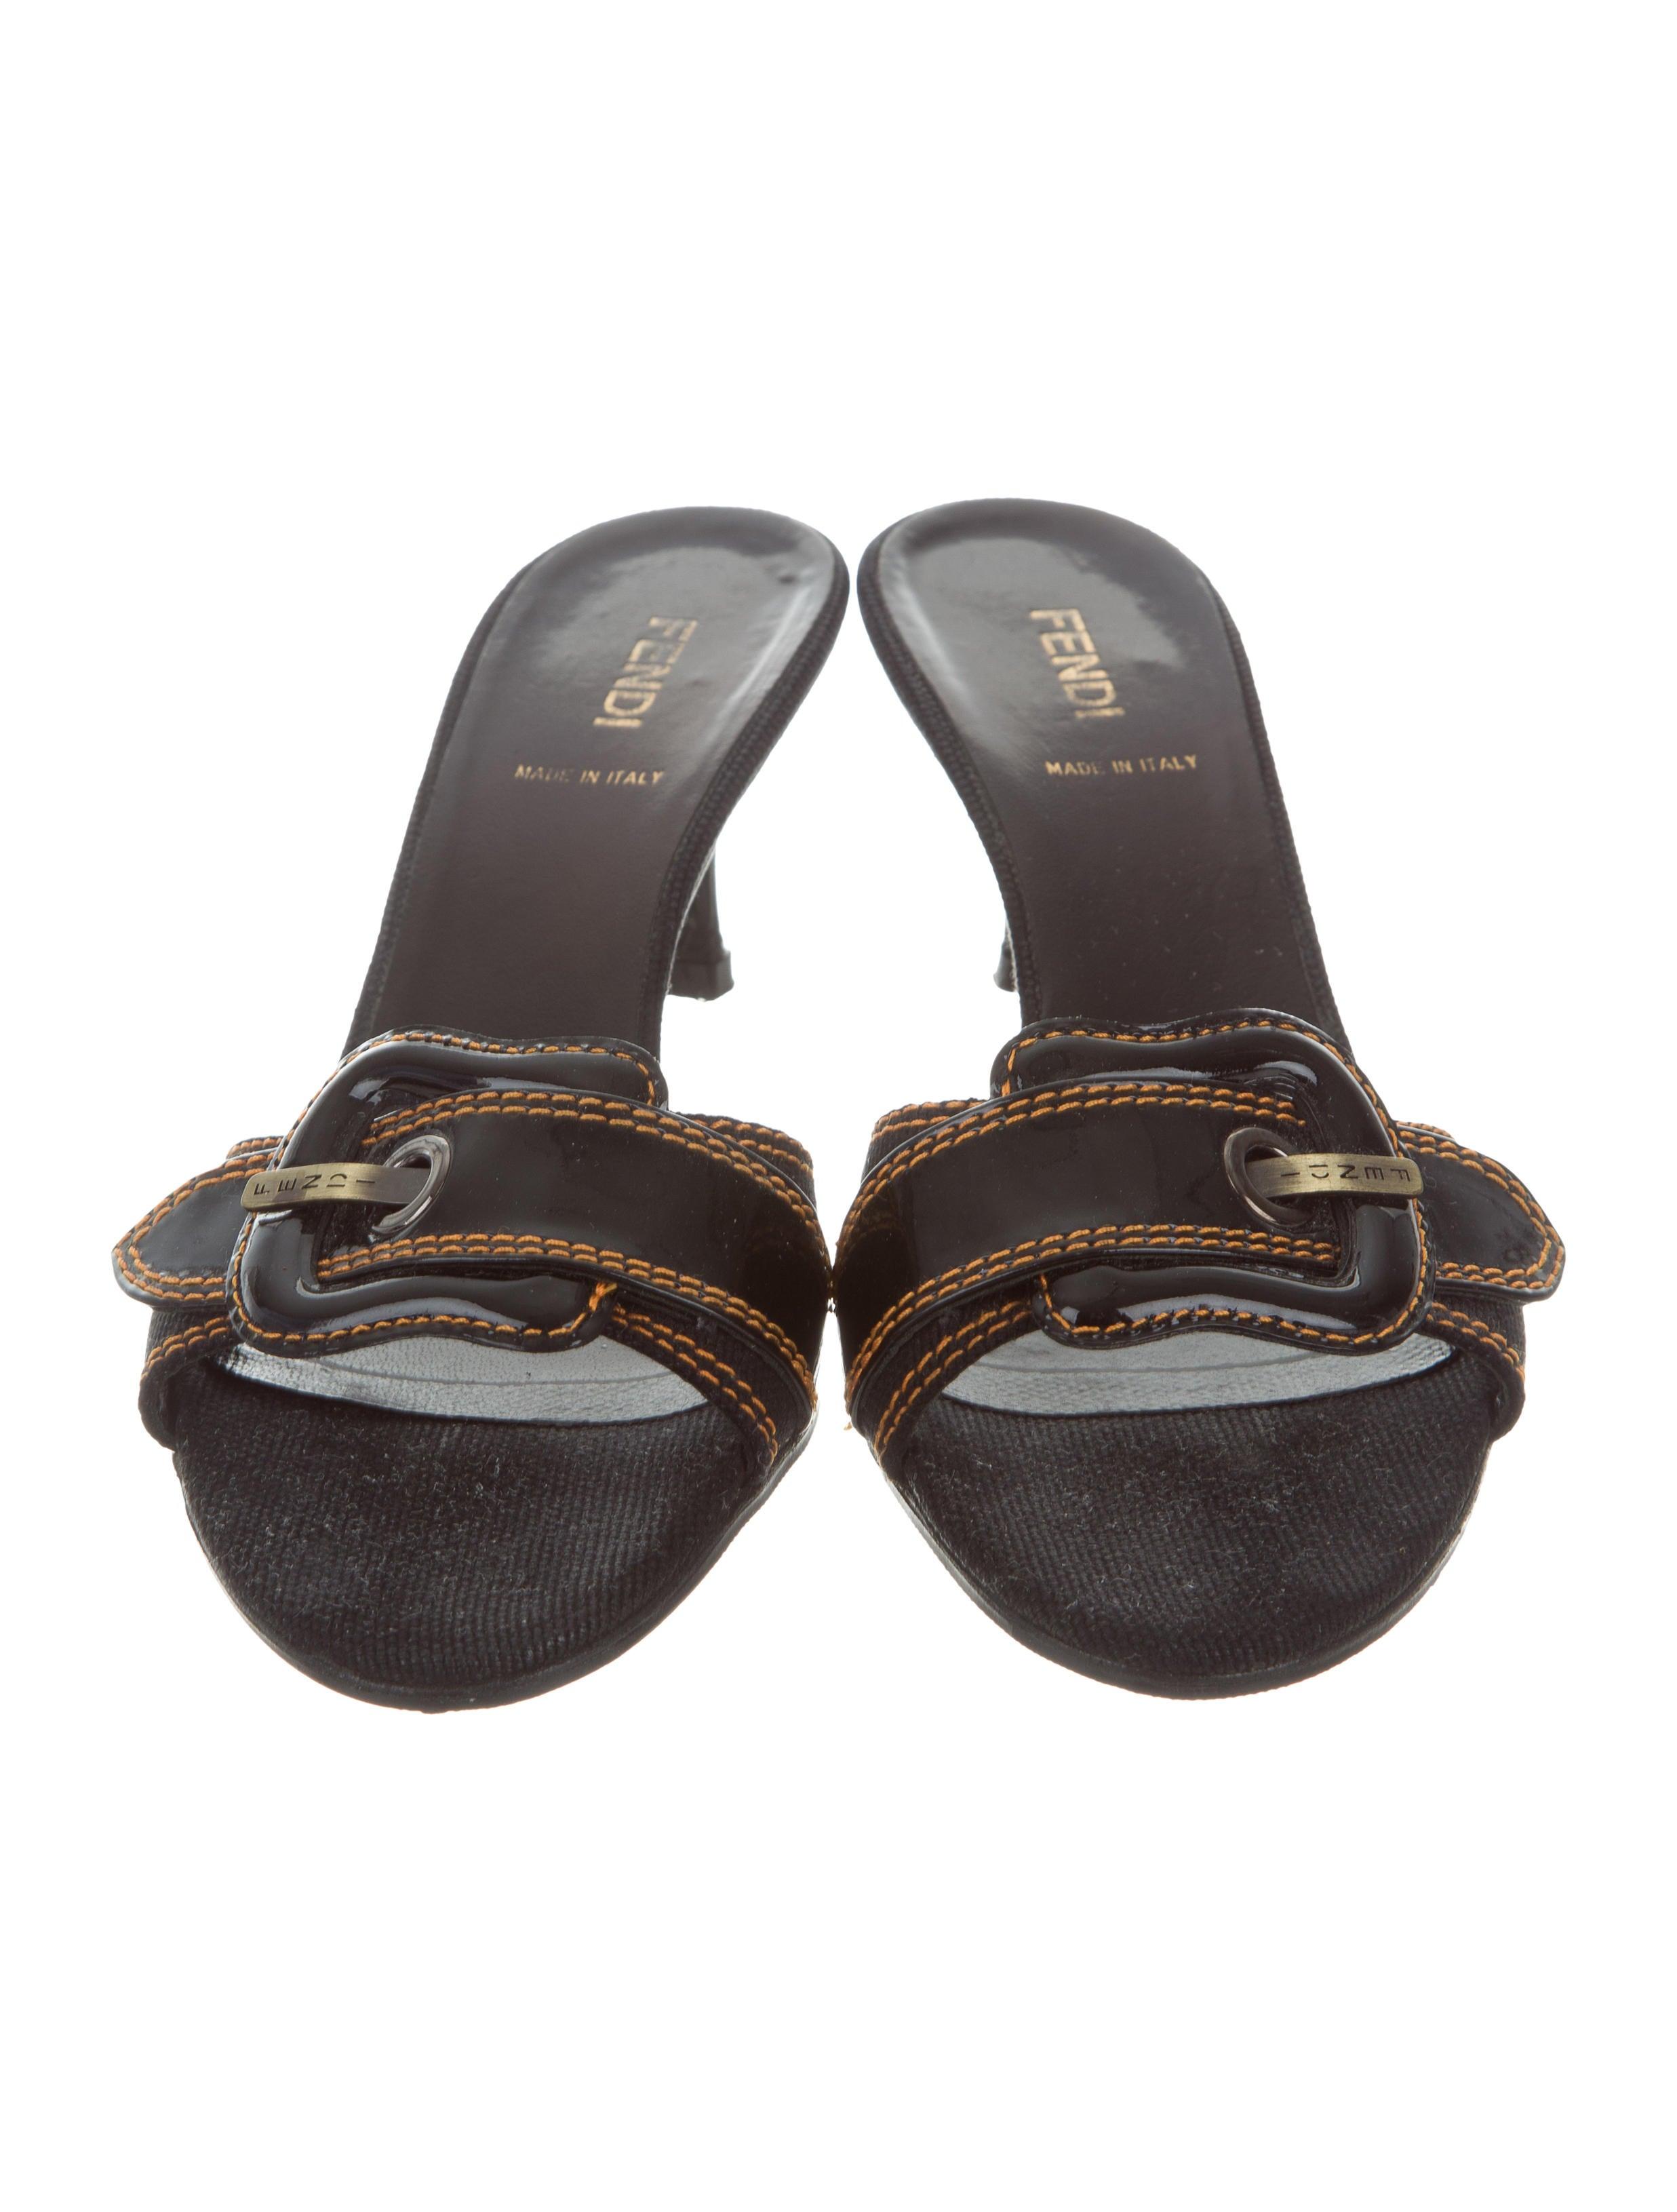 fendi canvas slide sandals shoes fen60397 the realreal